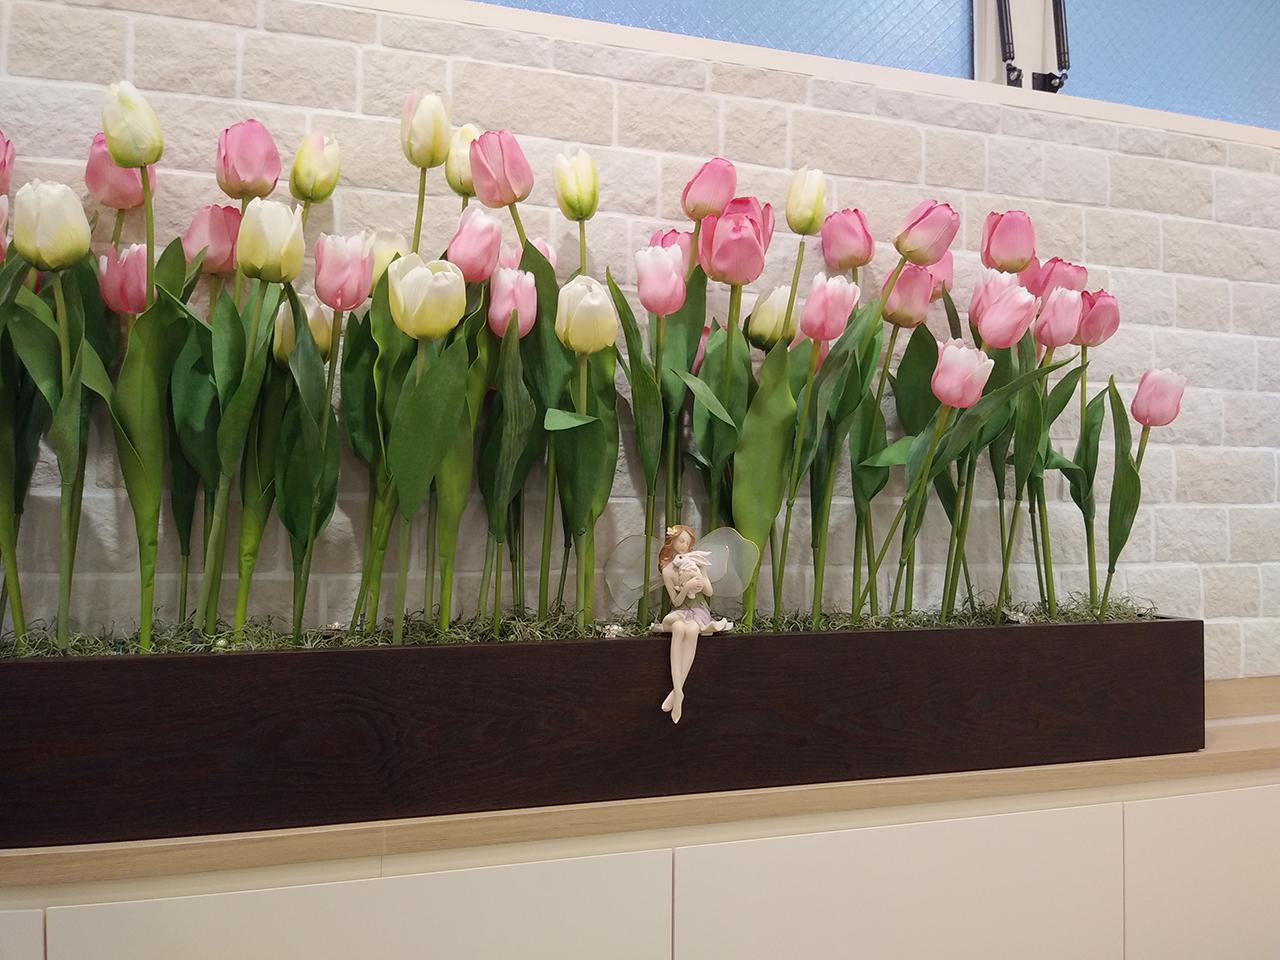 店内に飾られたチューリップの写真